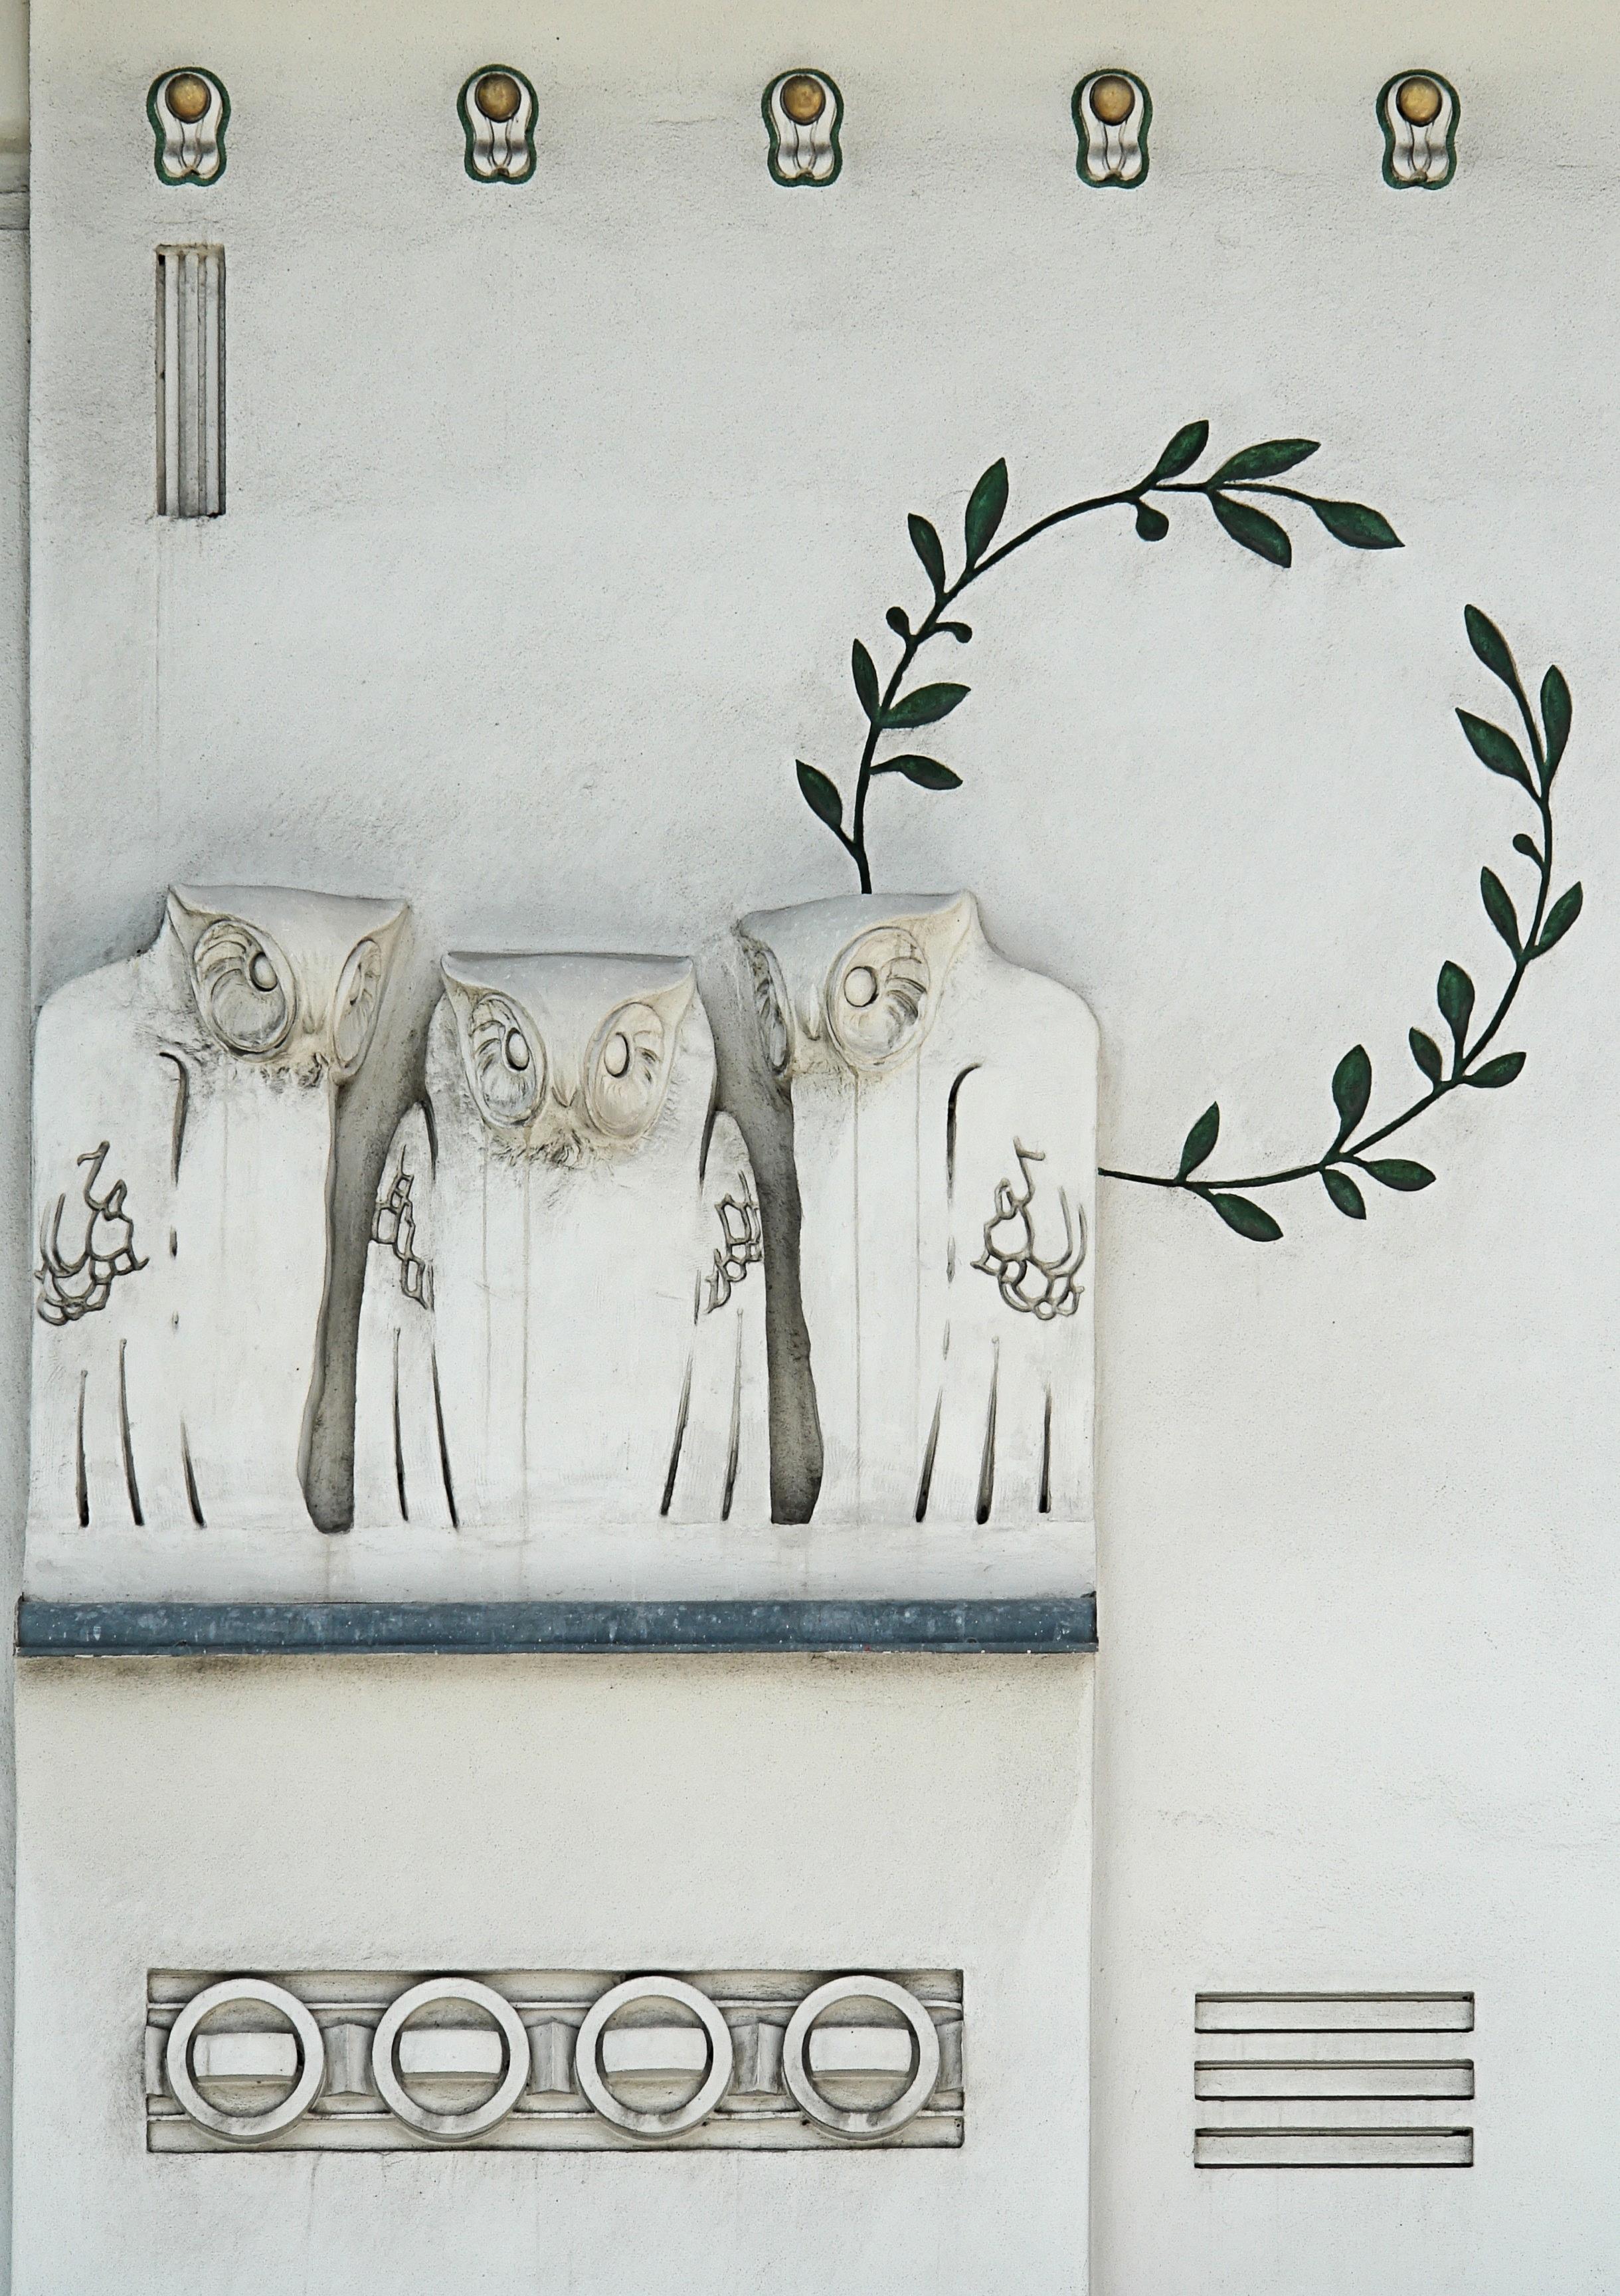 file jugendstil owls koloman moser detail facade of. Black Bedroom Furniture Sets. Home Design Ideas